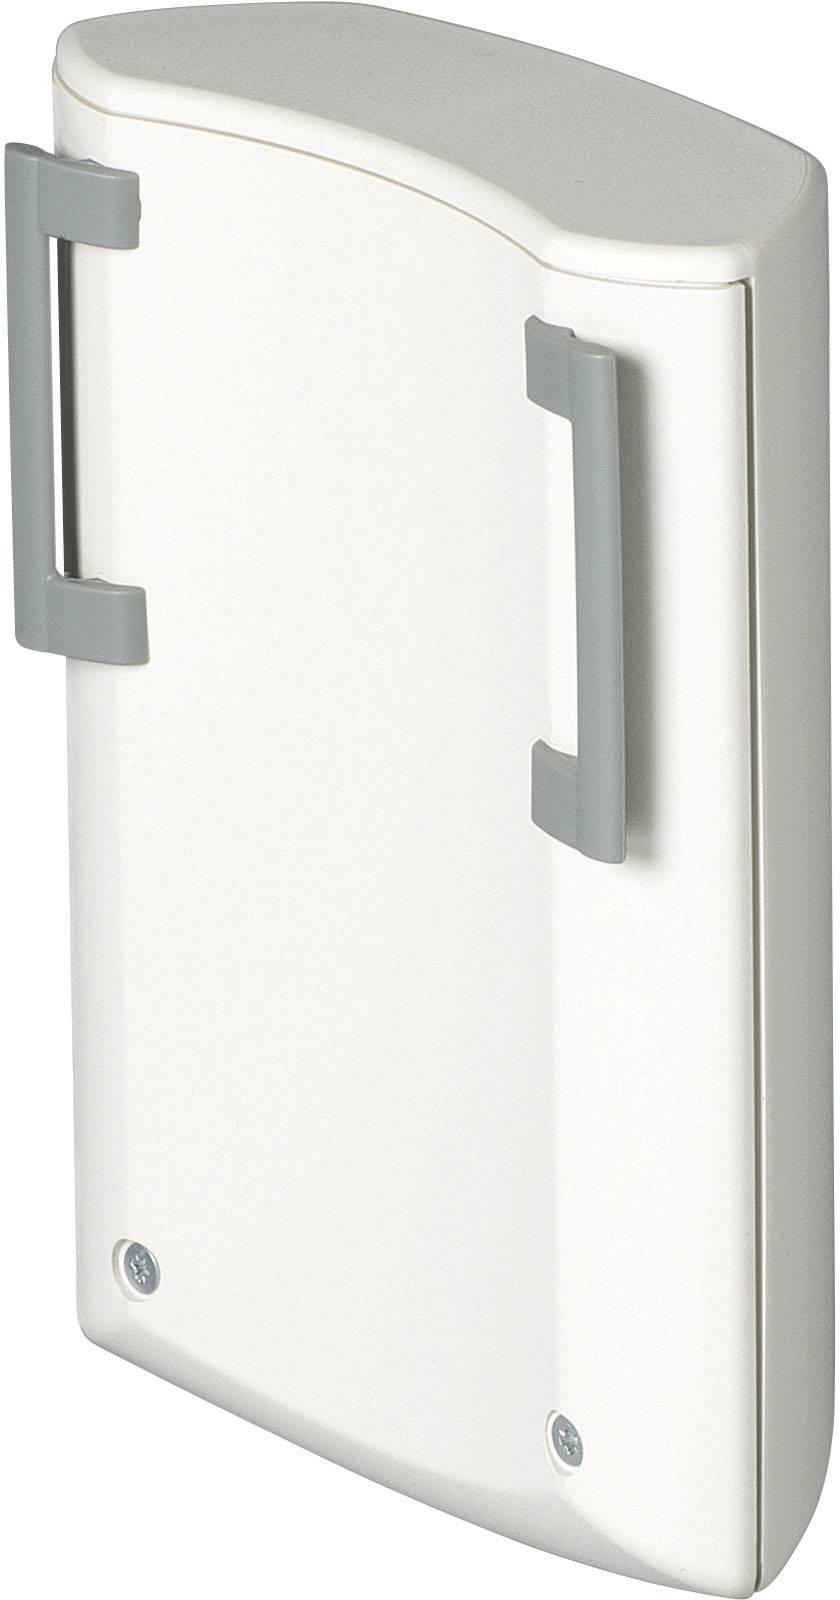 Univerzální pouzdro ABS OKW D7010207, 150 x 100 x 40 mm, šedá